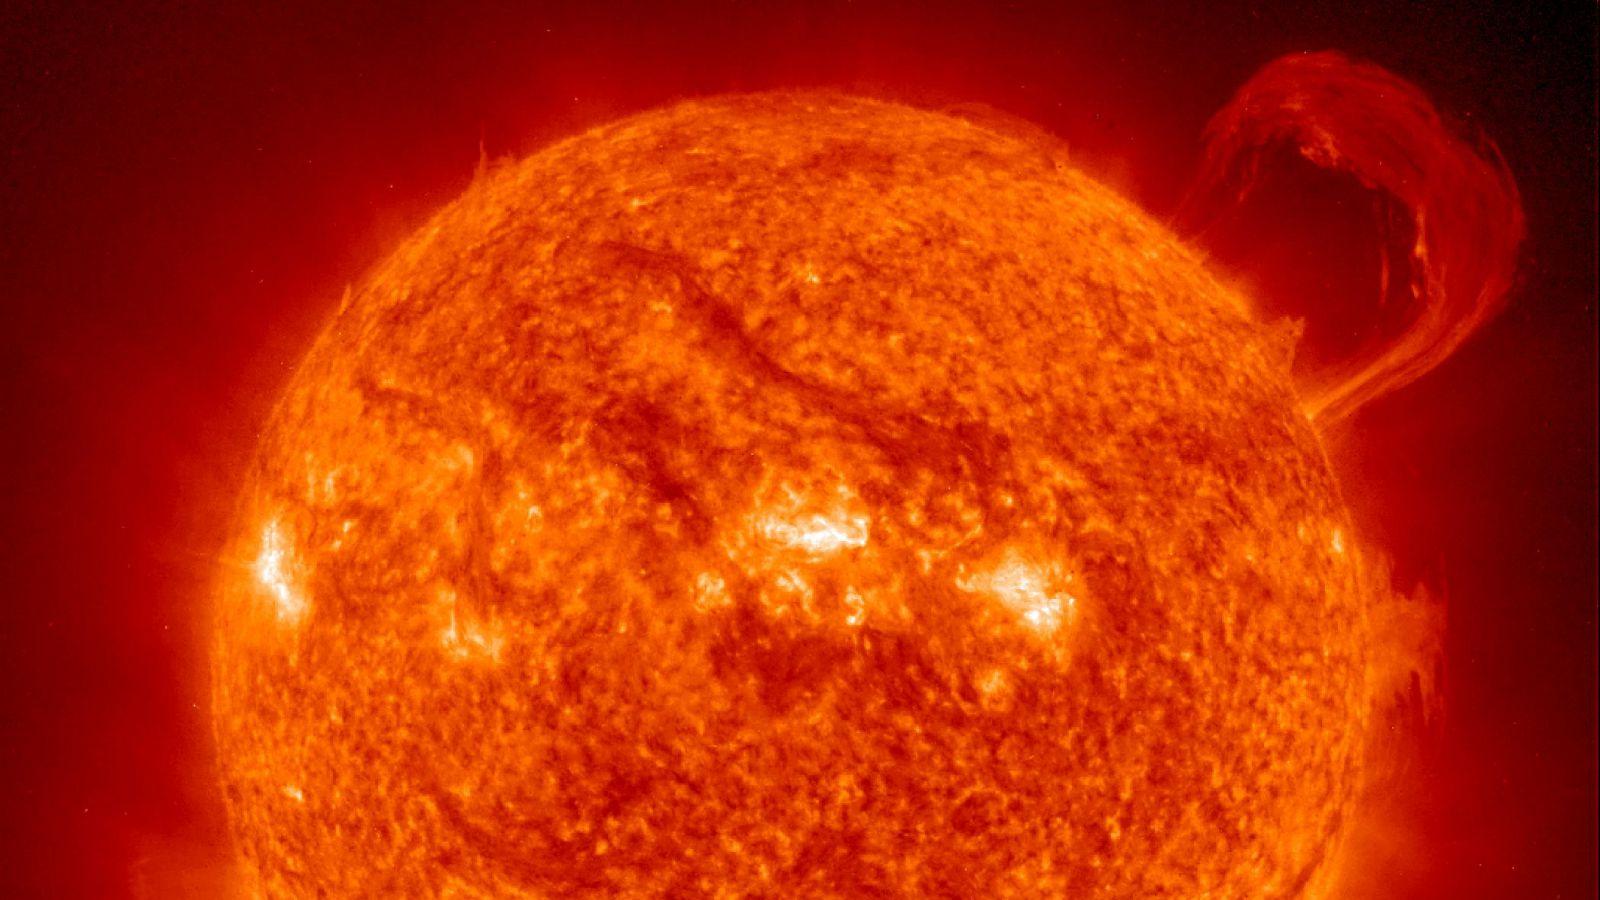 Solens betydning for klimaforandringerne